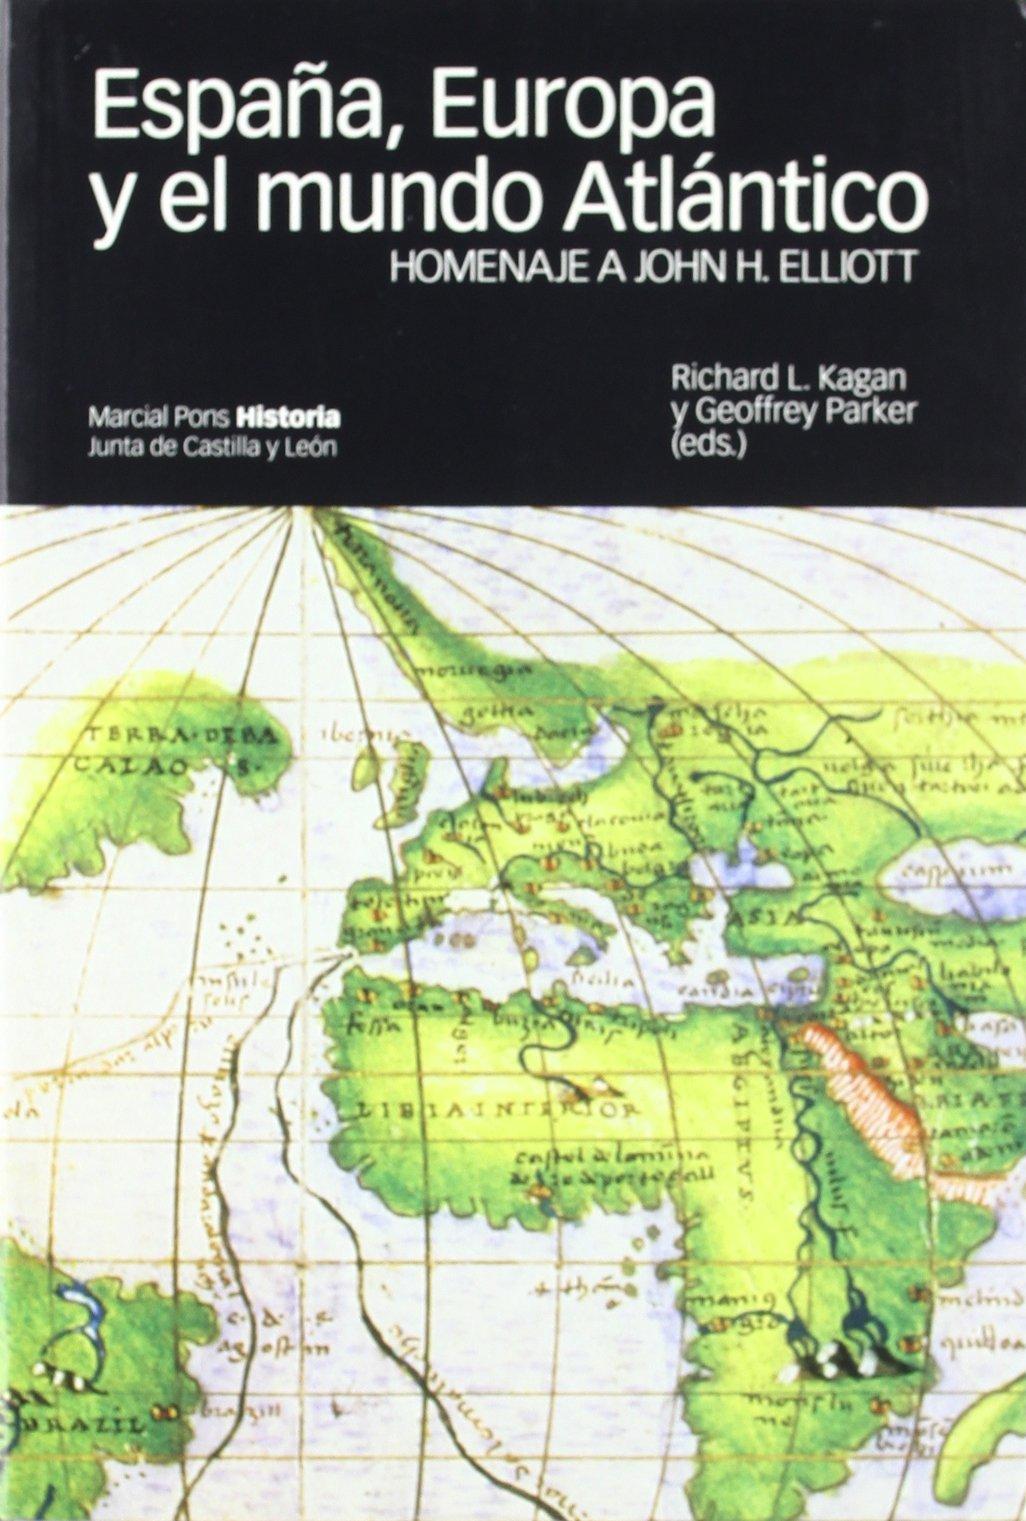 ESPAÑA, EUROPA Y EL MUNDO ATLÁNTICO.: Homenaje a John H. Elliott Coediciones: Amazon.es: Kagan, Richard L., Parker, Geoffrey: Libros